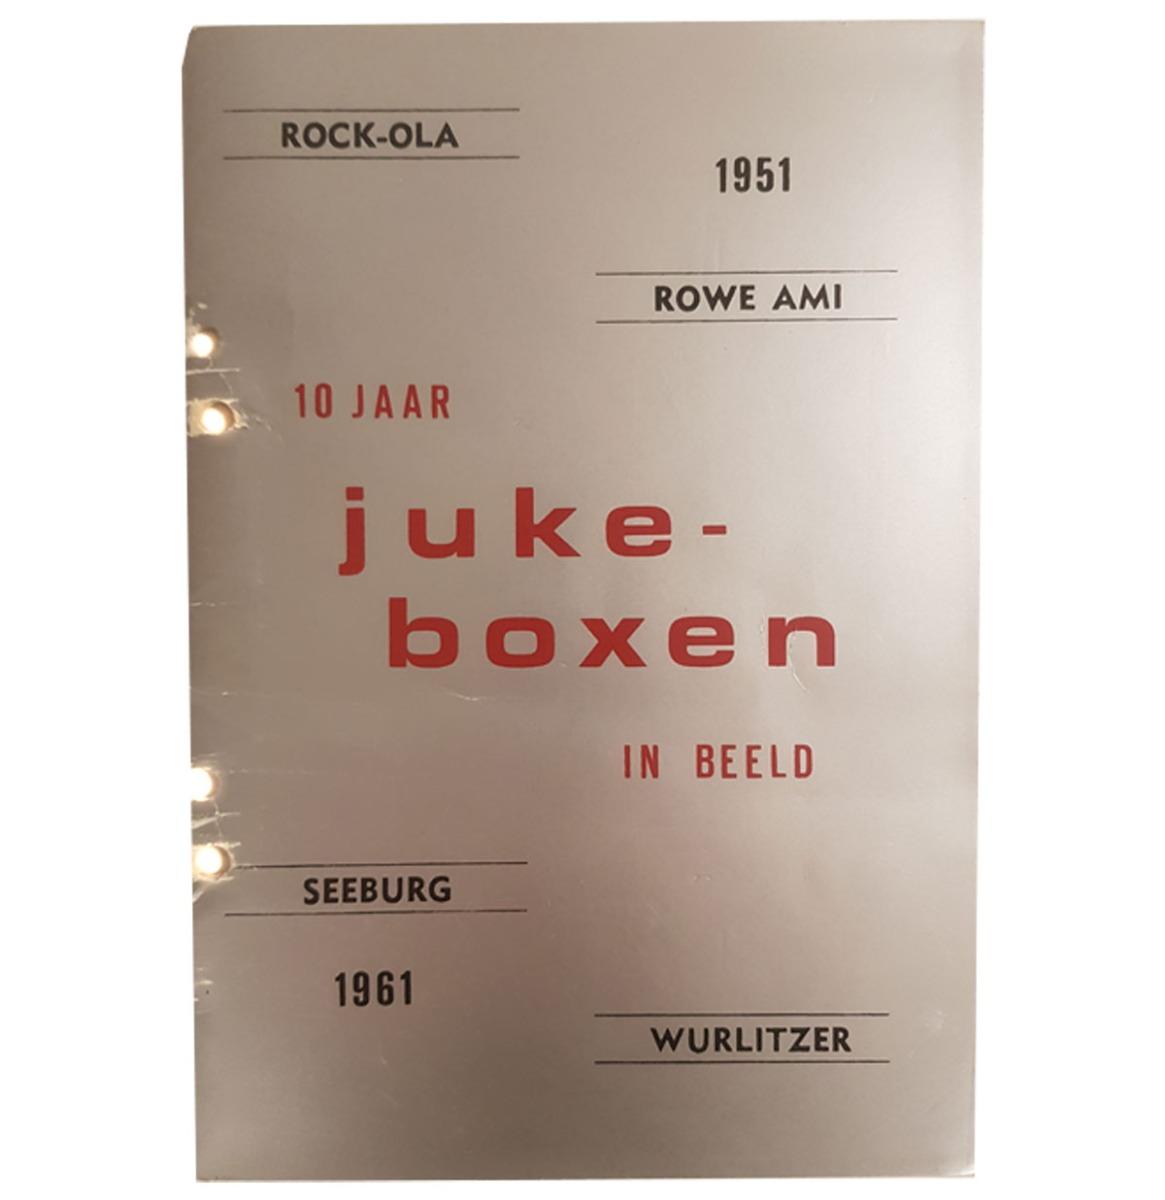 10 Jaar Jukeboxen In Beeld - Boek - Nederlands Geschreven